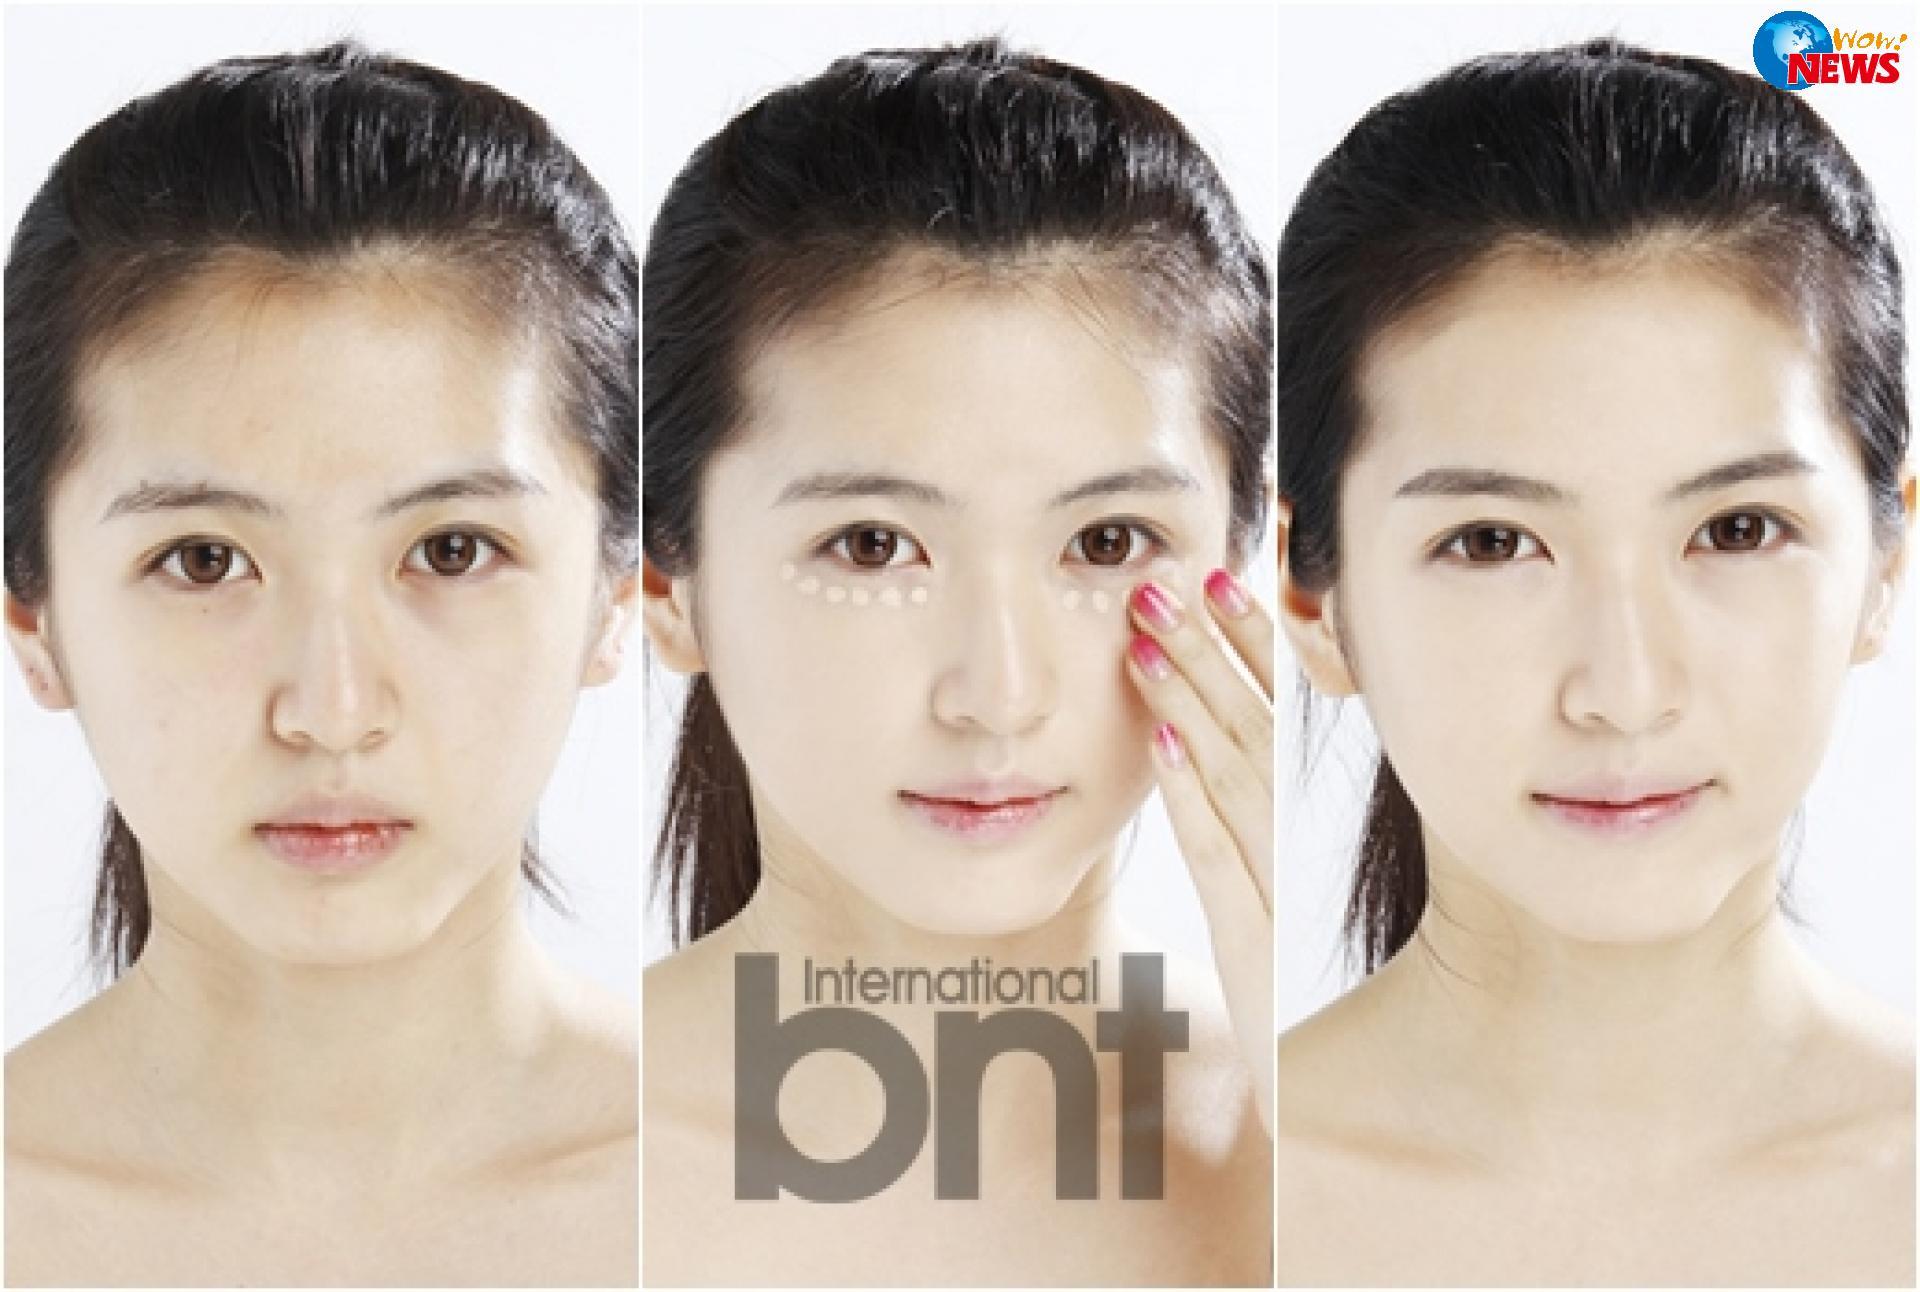 生活裸妆图片_韩最美女星Top10金泰熙纯美裸妆居榜首_金羊